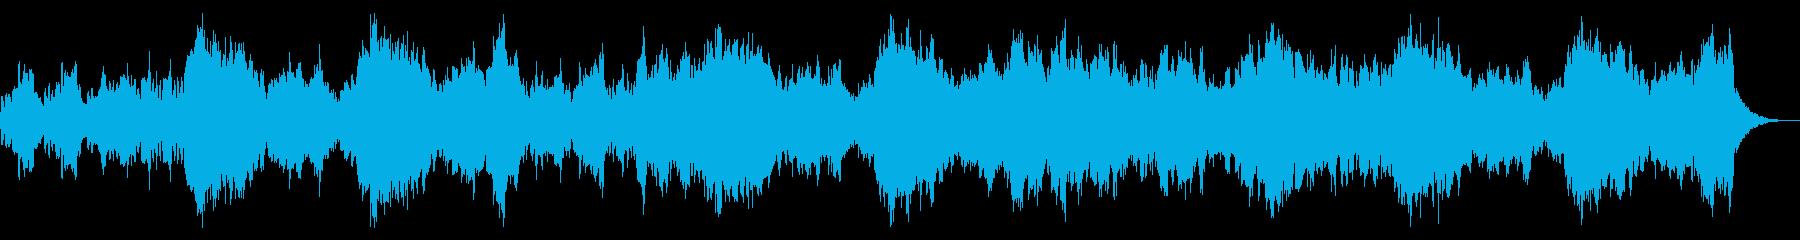 結婚行進曲 メンデルスゾーン Ver2の再生済みの波形